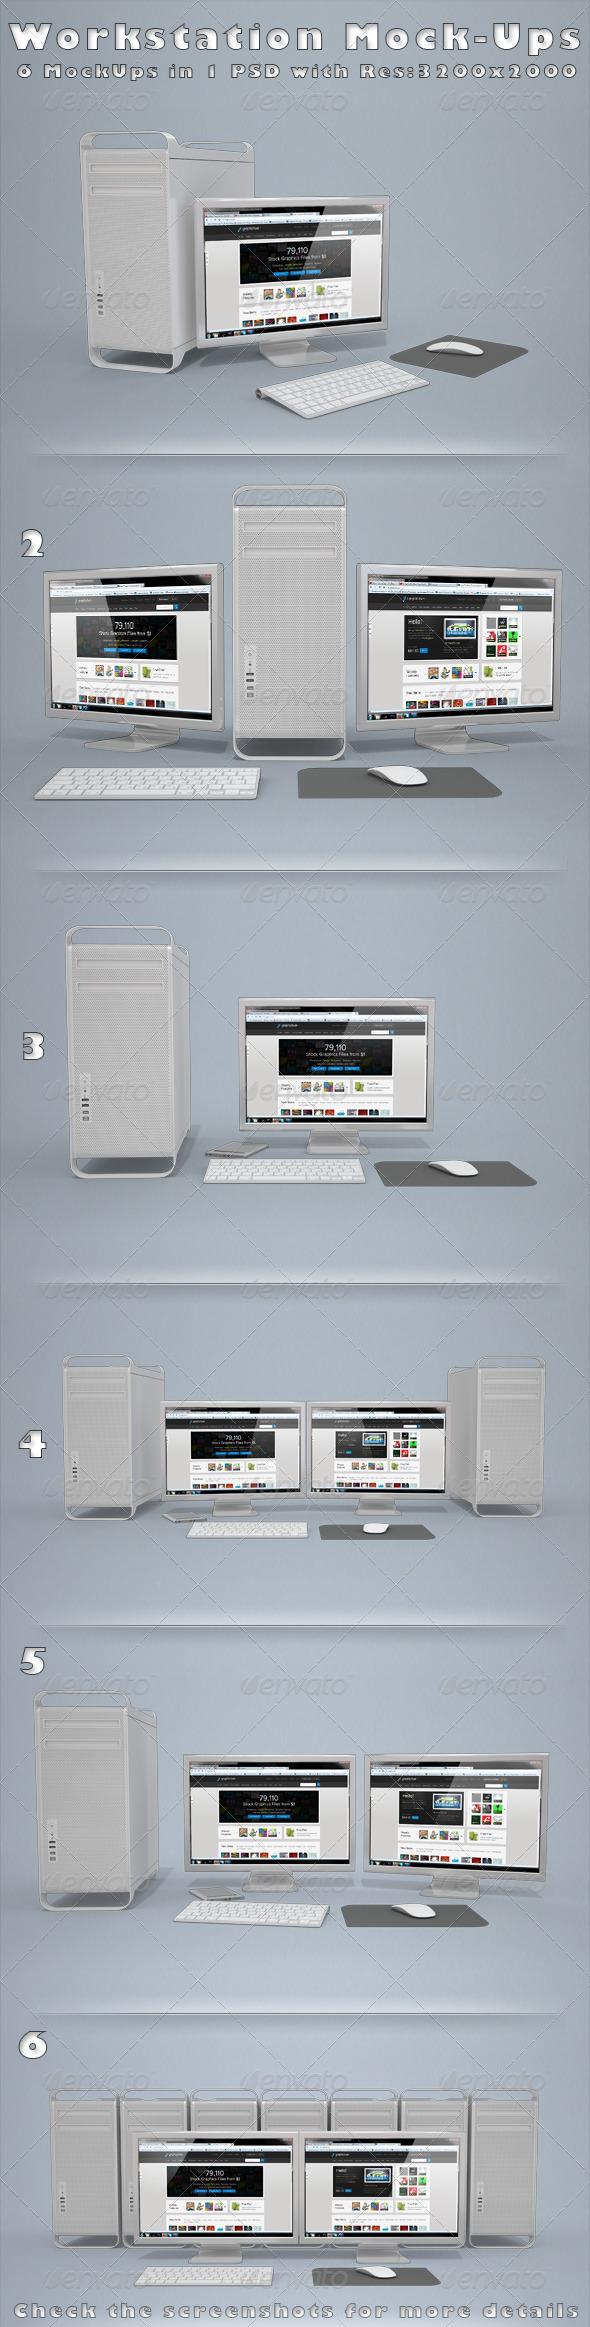 GraphicRiver Workstation Mock-Ups 3437938